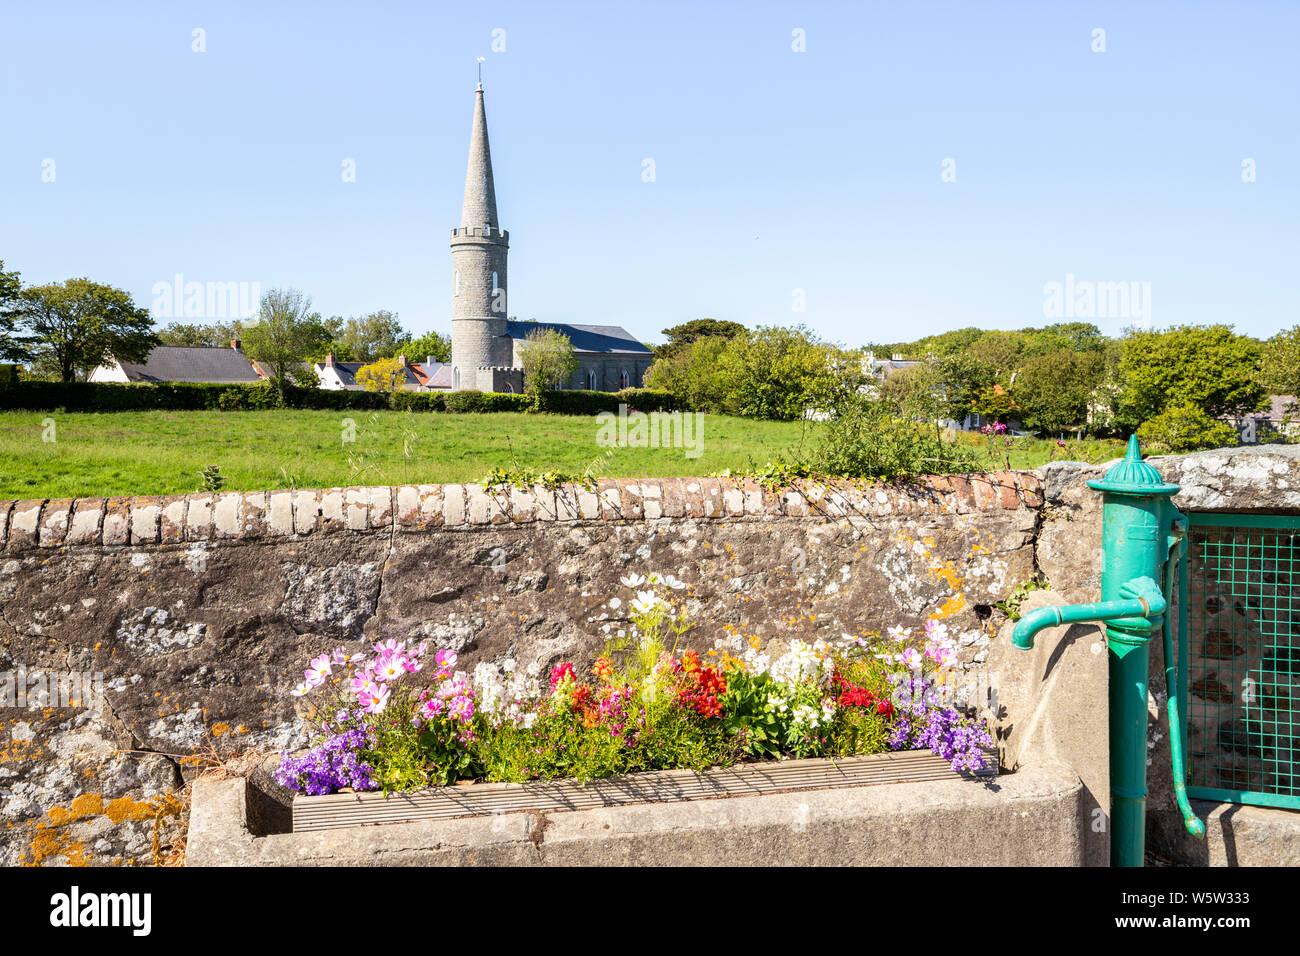 Fiori in un vecchio trogolo di acqua accanto a una pompa in Torteval, Guernsey, Isole del Canale della Manica UK Foto Stock